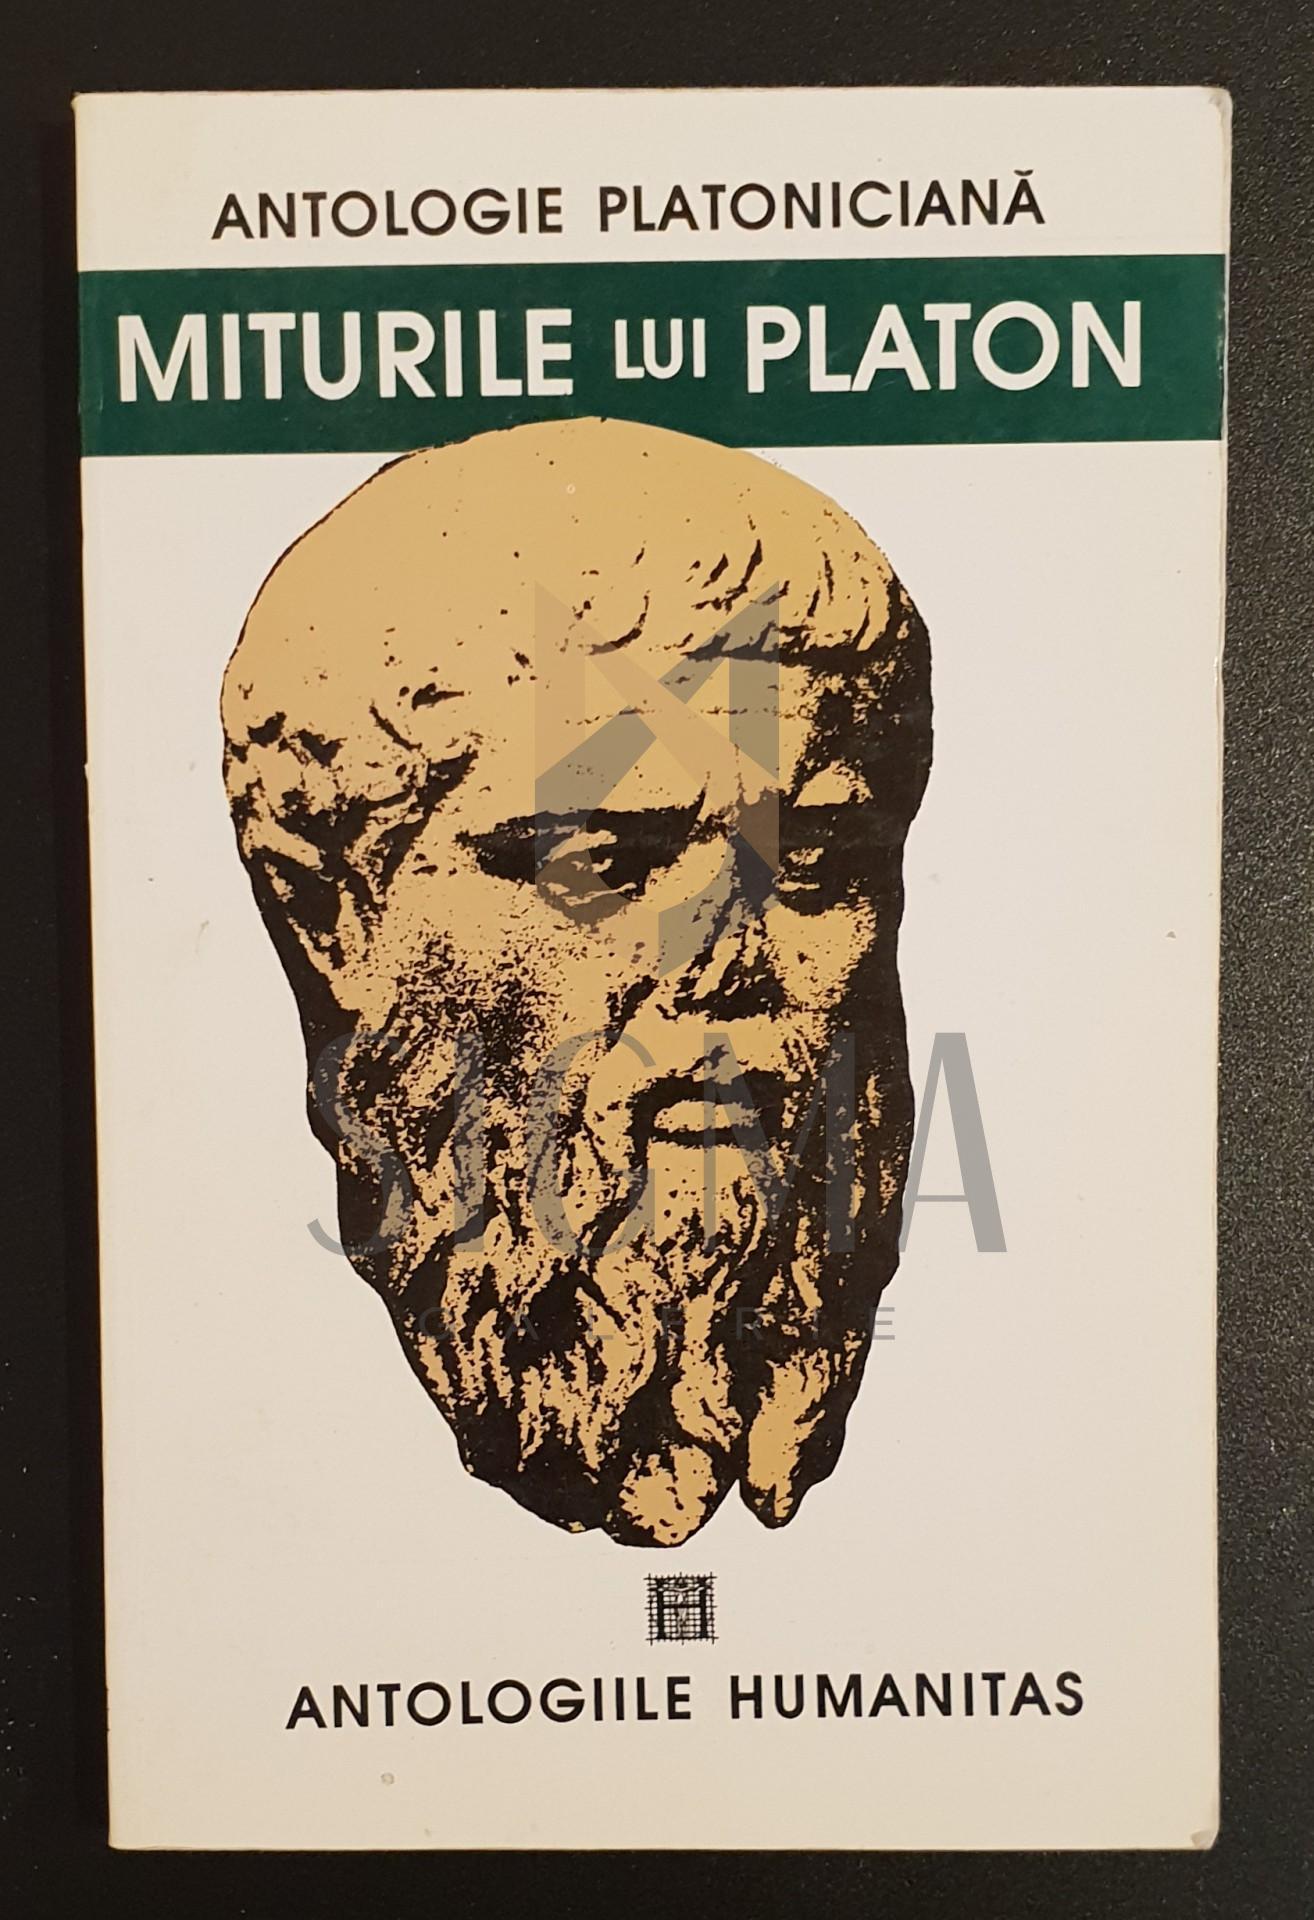 Miturile lui Platon